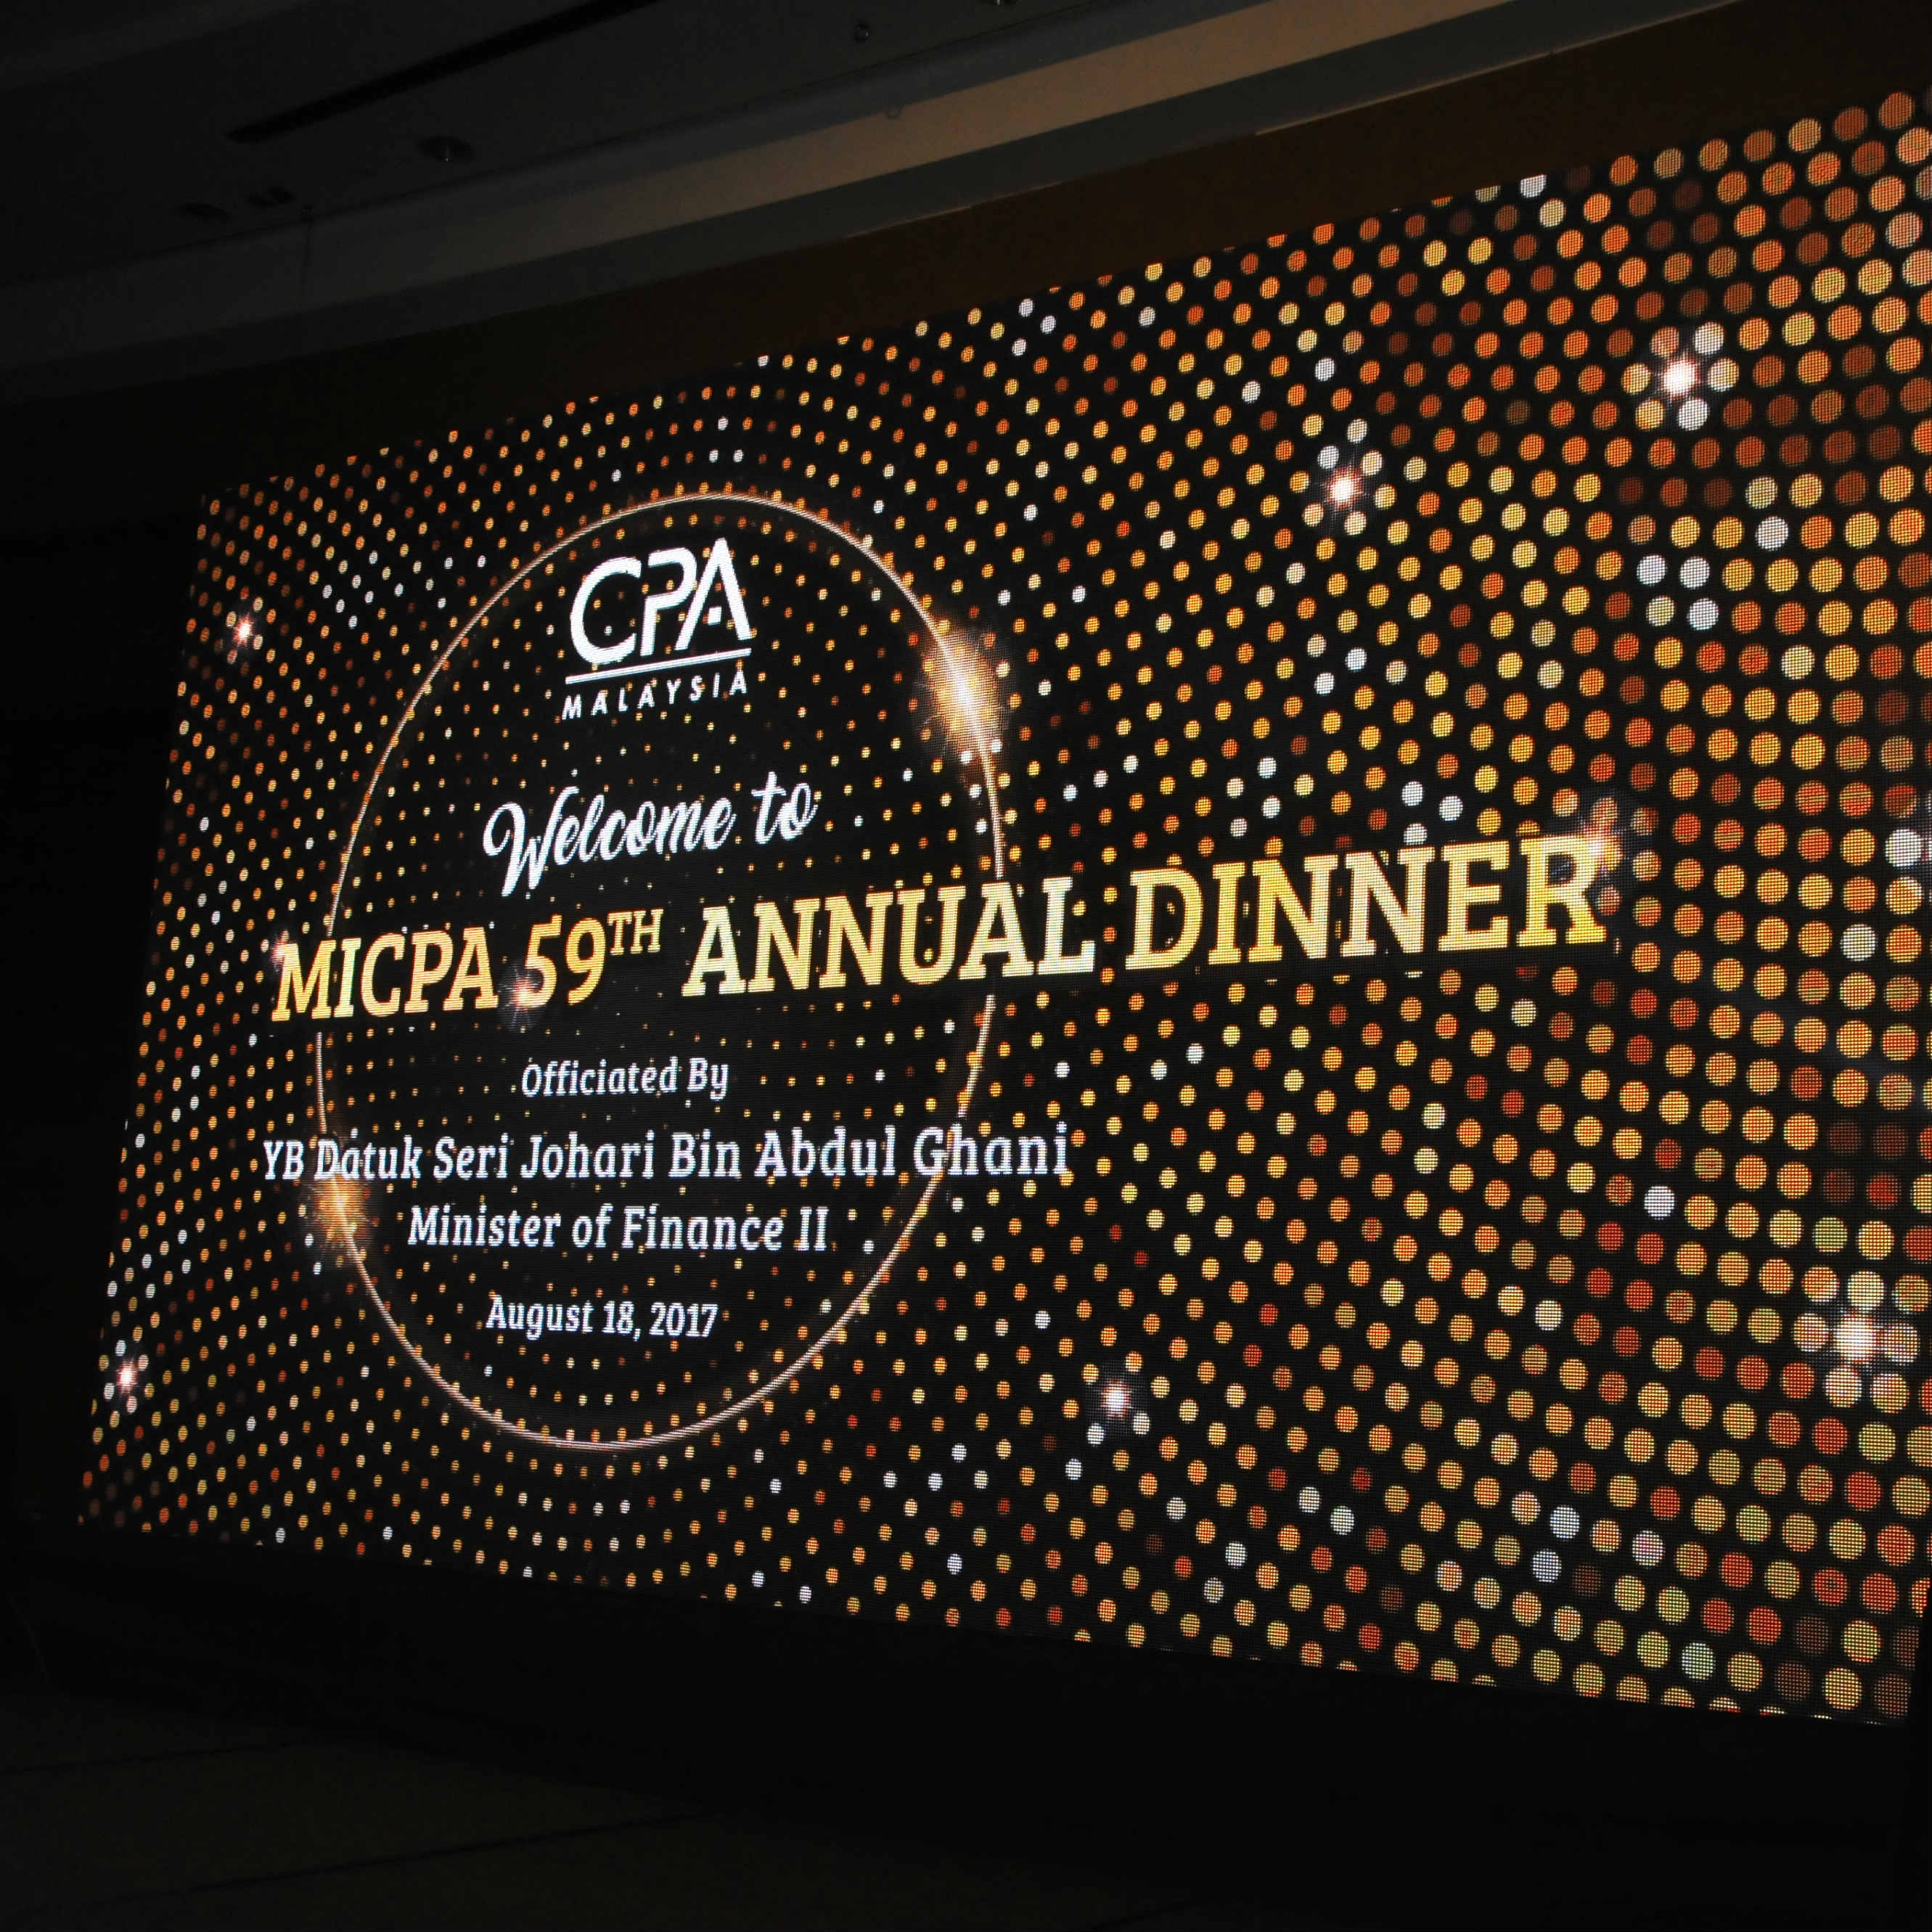 MICPA 59th Annual Dinner